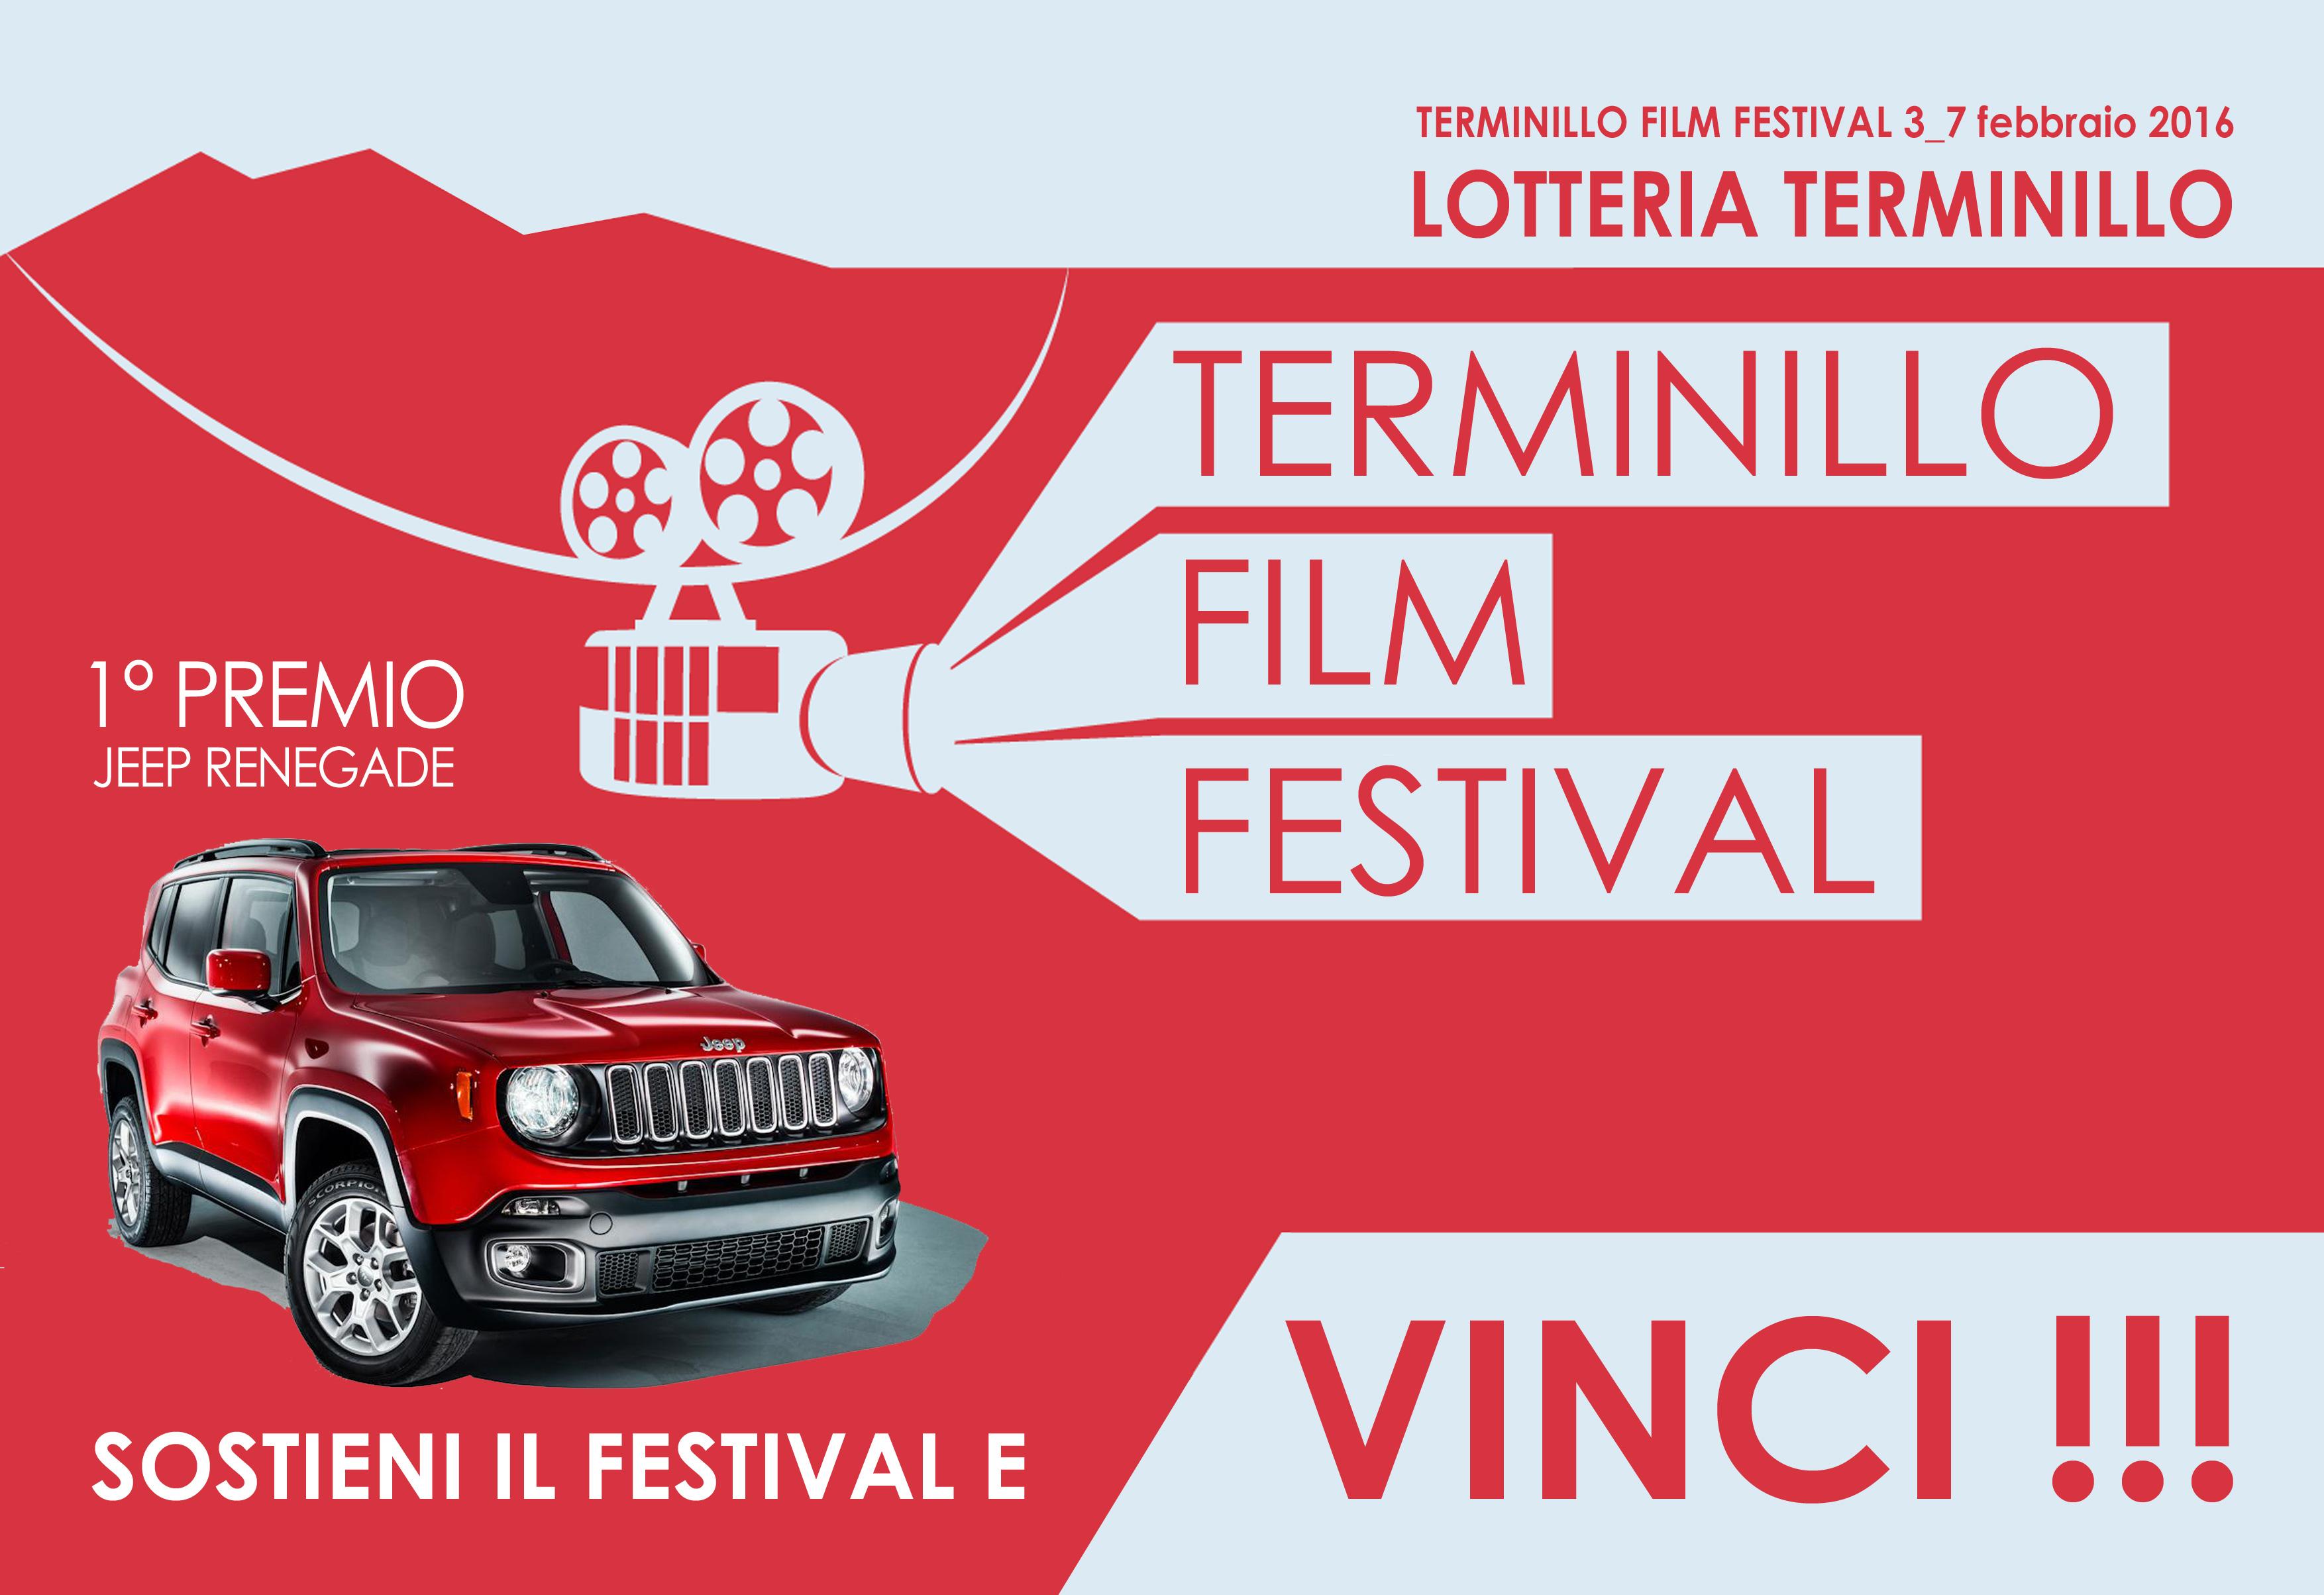 Lotteria Terminillo Film Festival